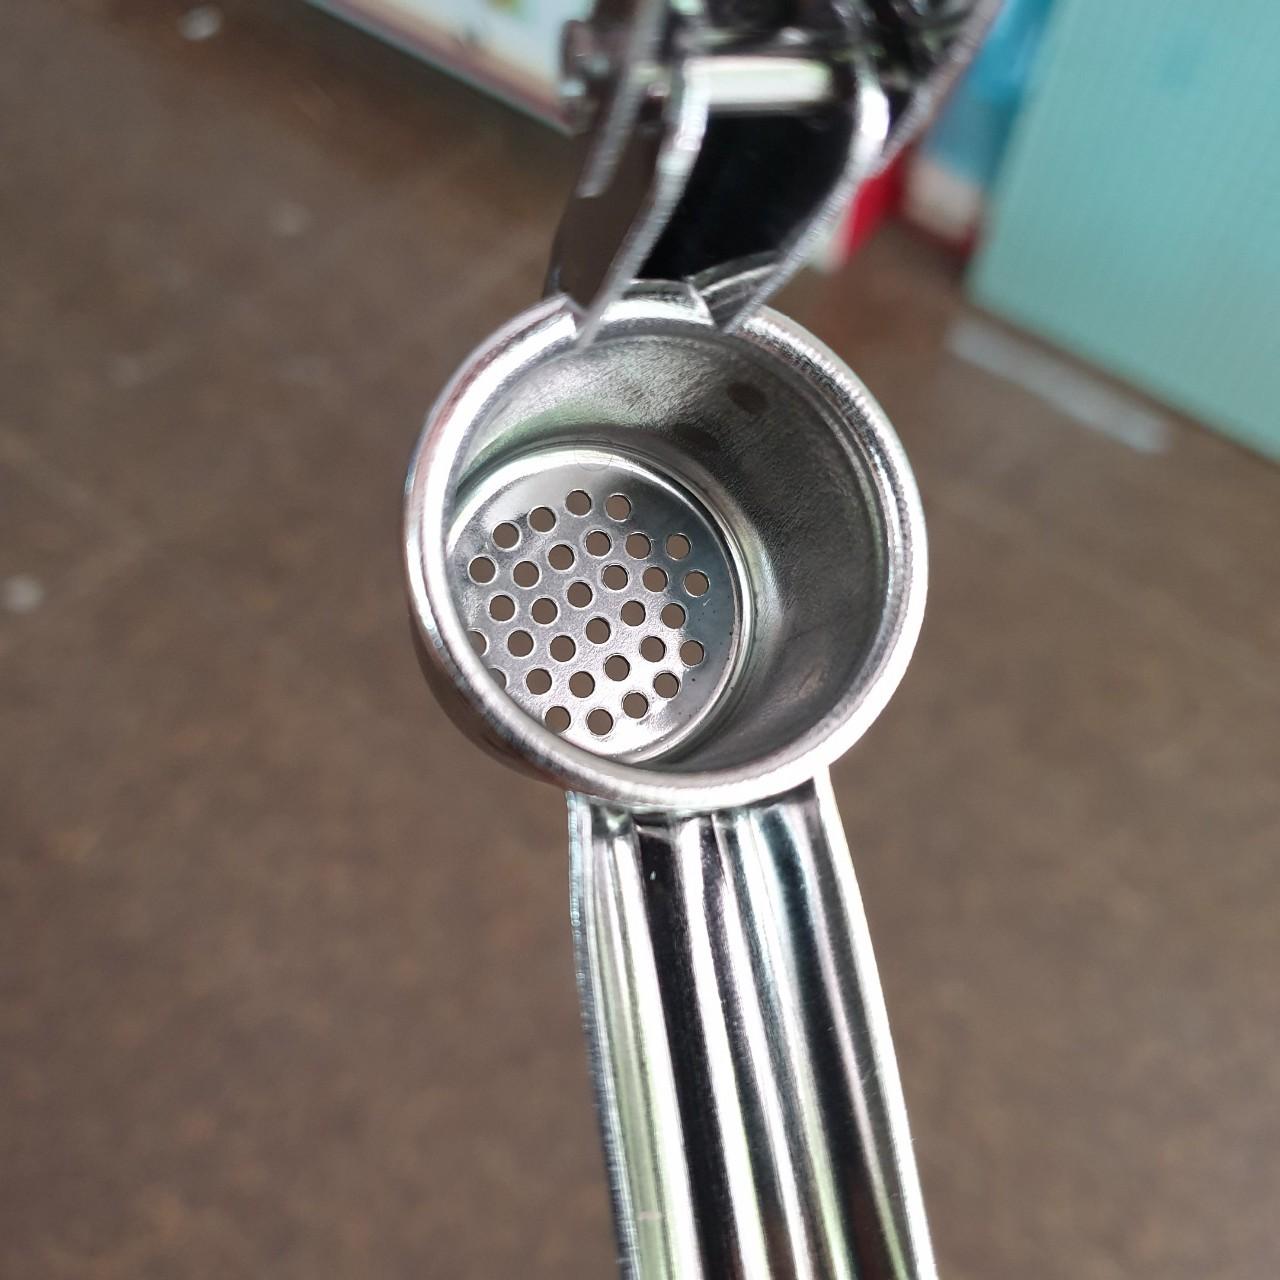 Dụng cụ ép tỏi cao cấp đa năng sekikawa chiều dài 16.3cm, cối ép 3 cm